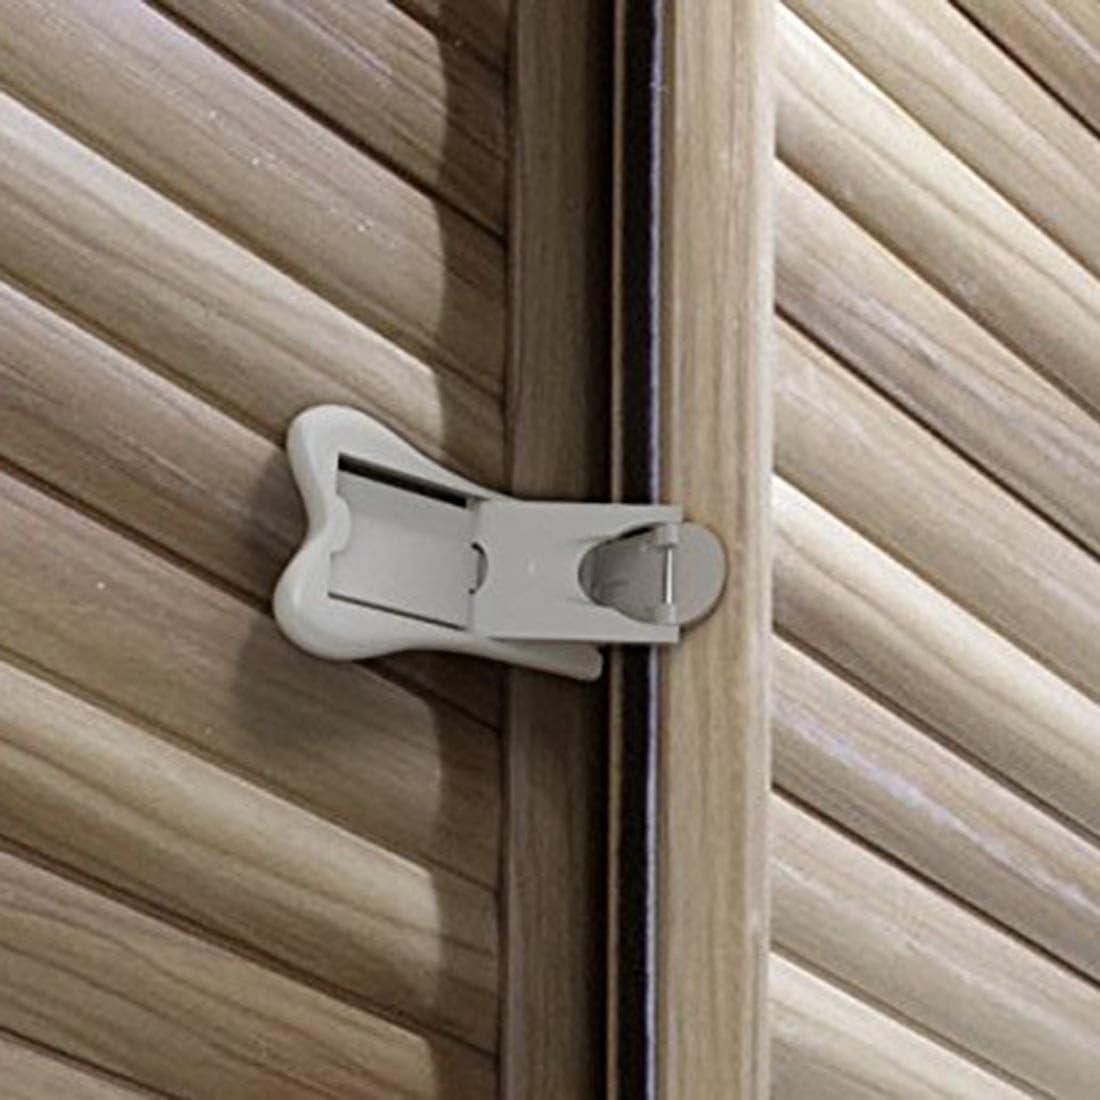 armarios a prueba de beb/és y ventanas de bloqueo paquete de 4 fuerte pero f/ácil de limpiar adhesivo 3M Cerradura de puerta corredera para seguridad infantil no requiere tornillos Sin llave